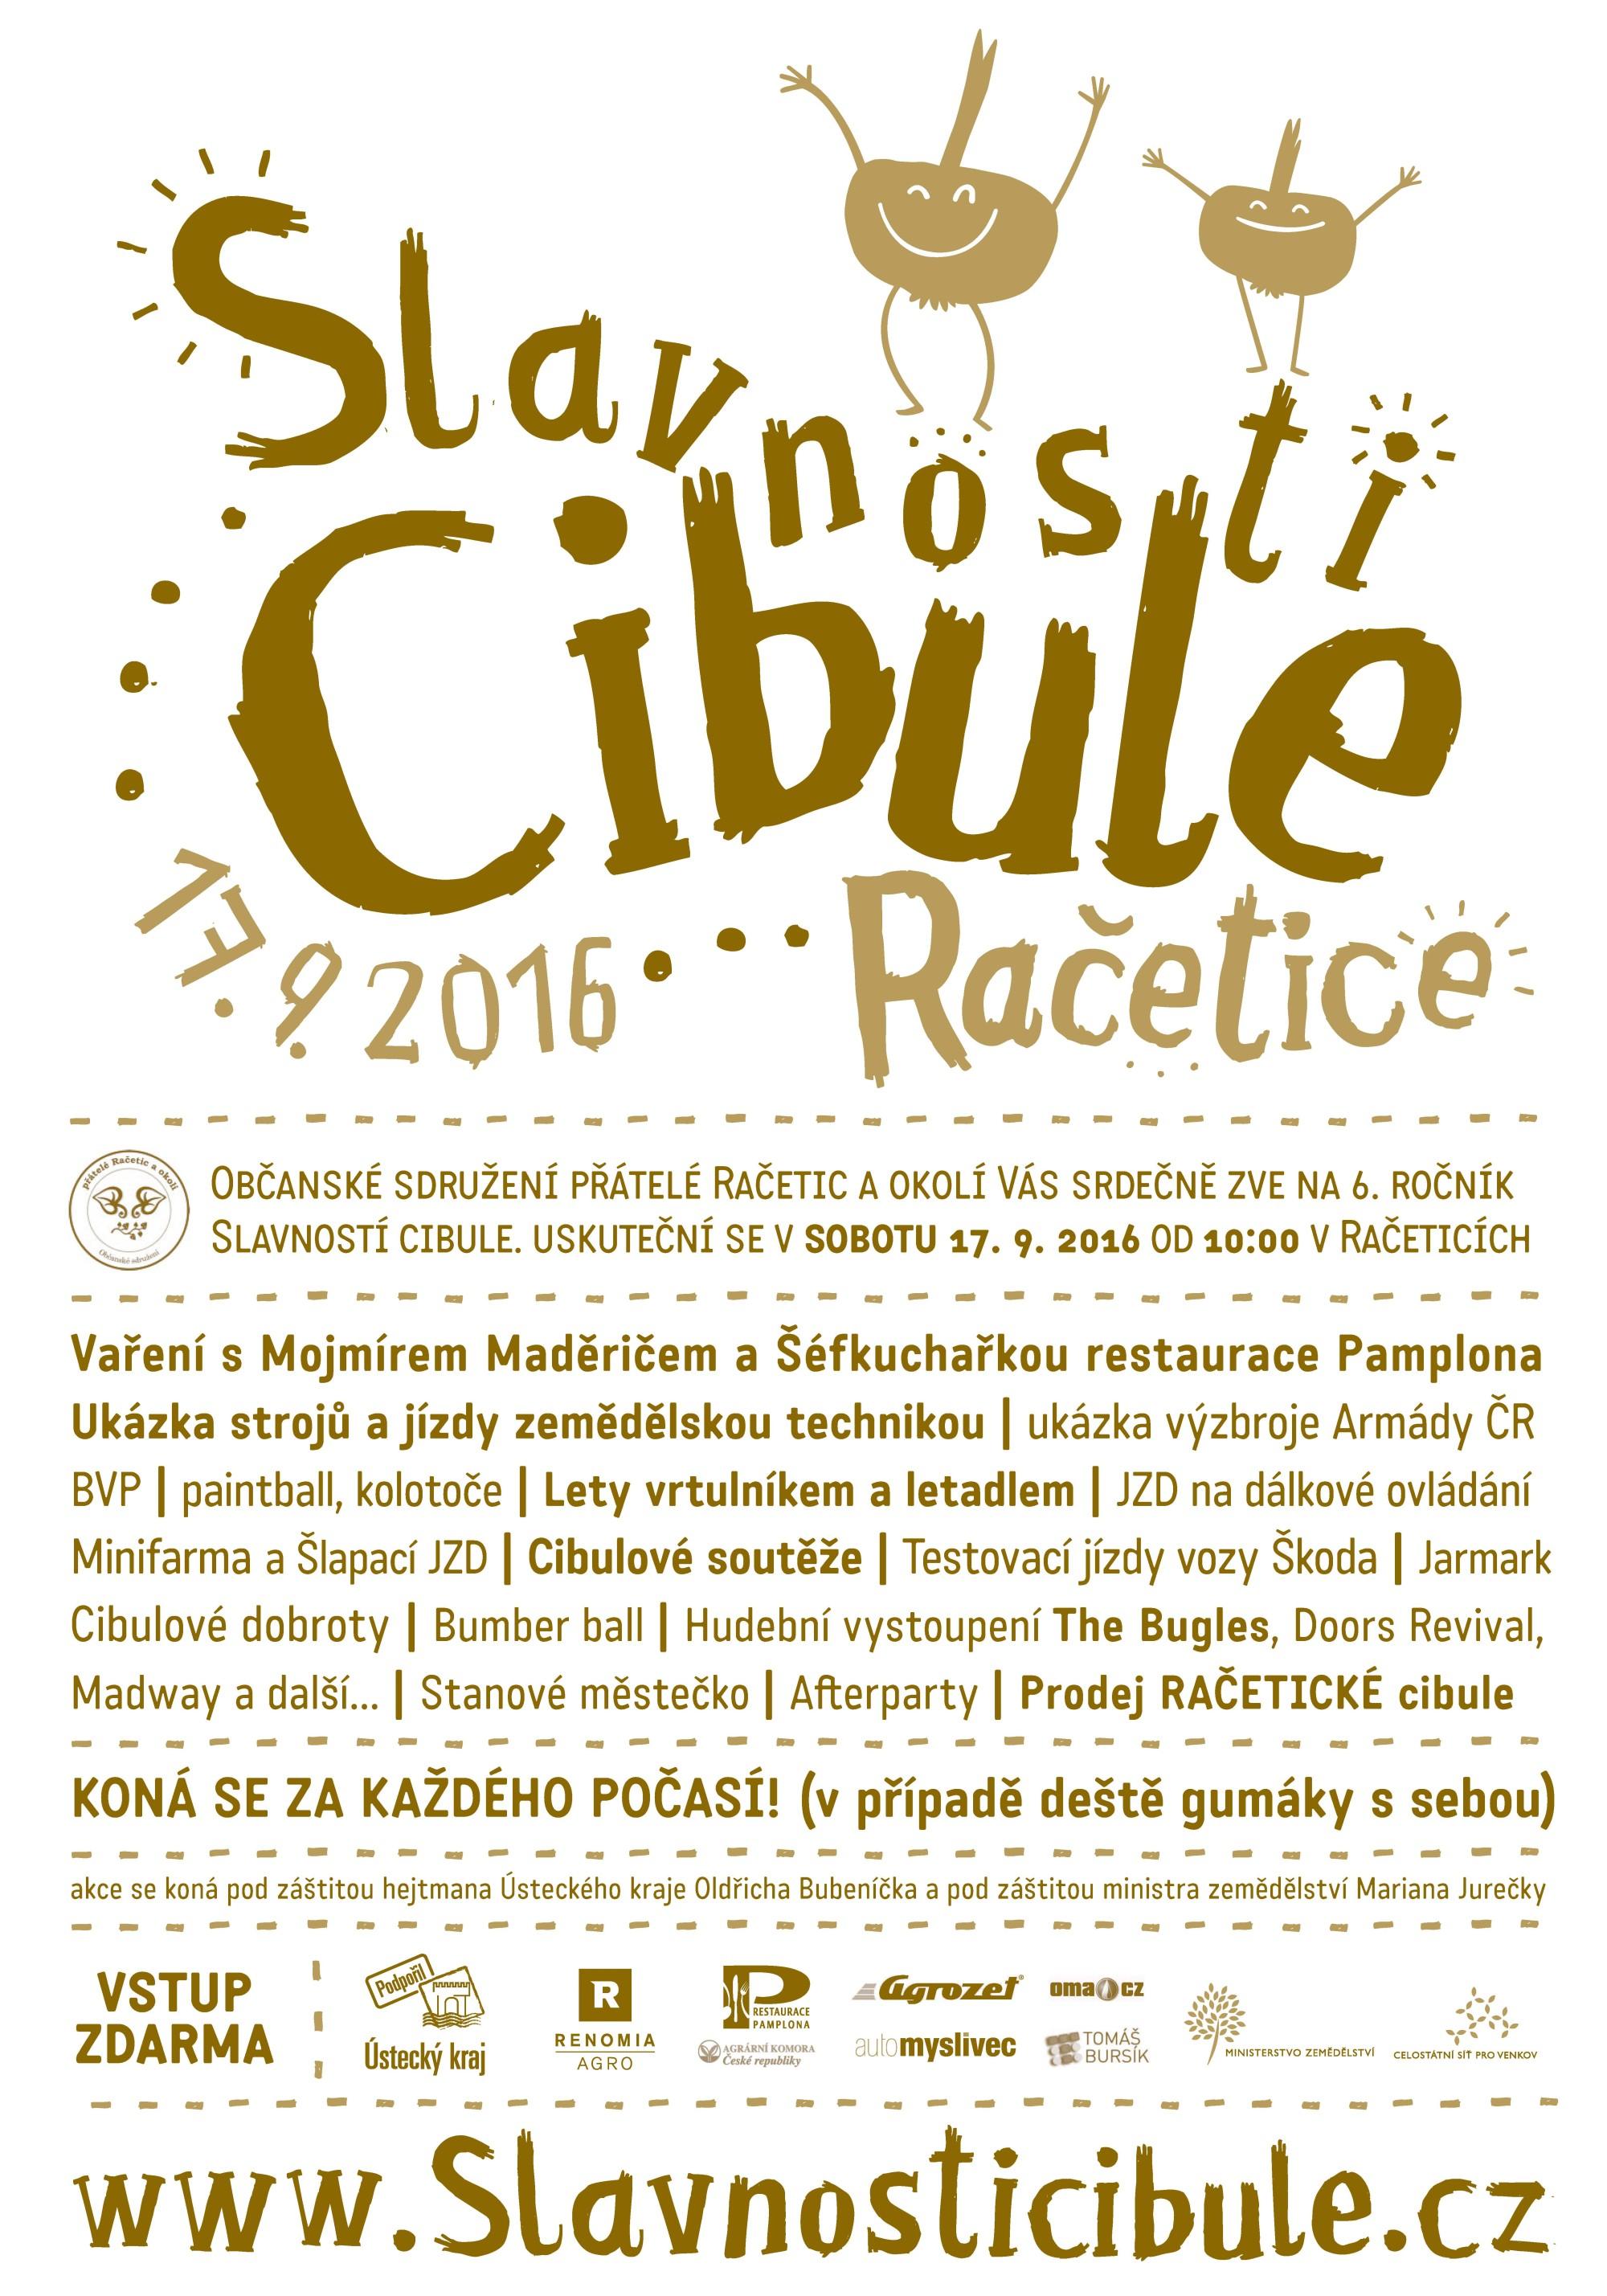 Slavnosti cibule 2016 plakát